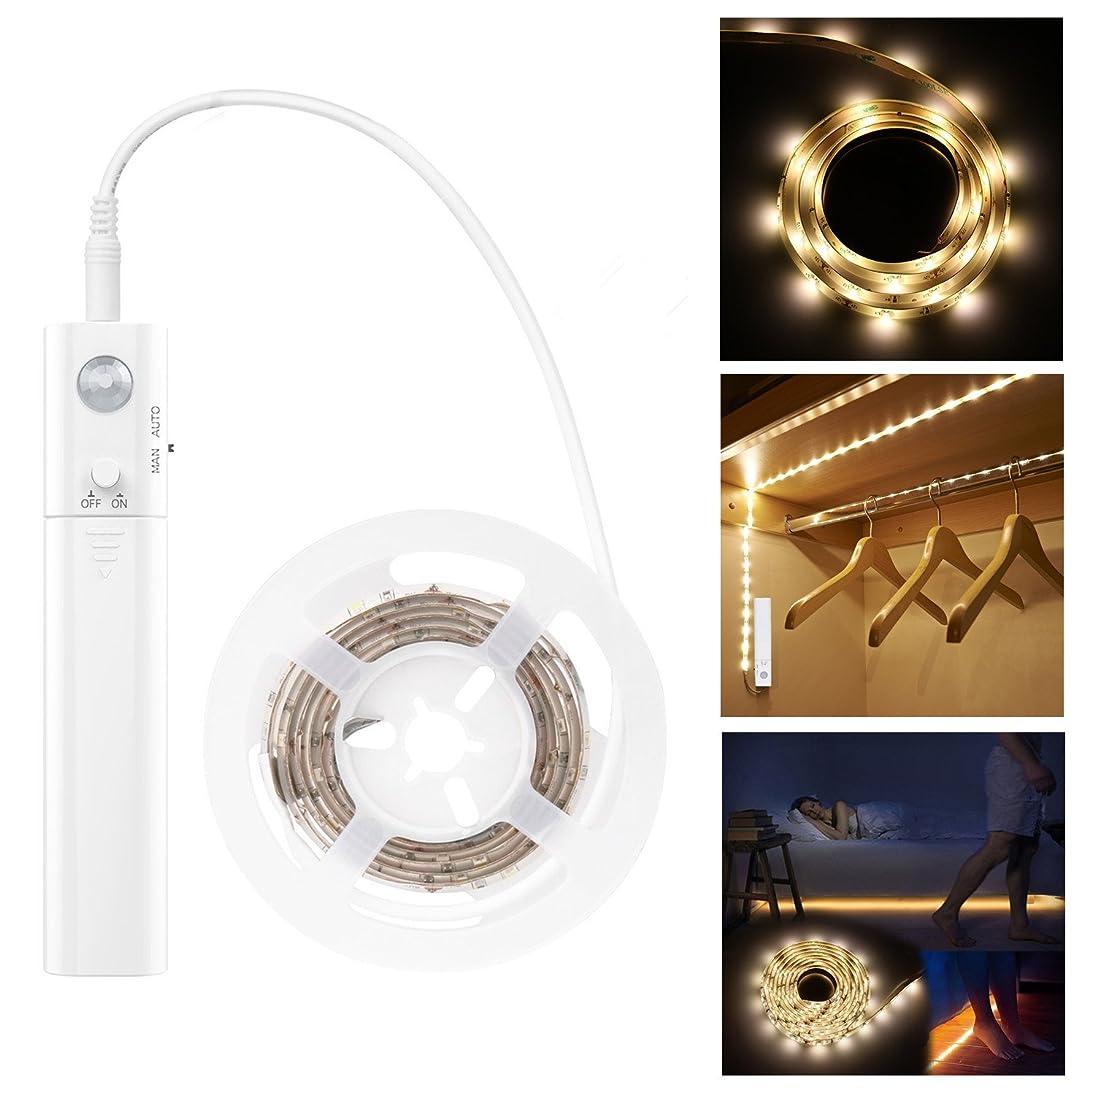 トチの実の木手錠あなたが良くなりますLED テープライト LHY 人感センサーライト 電池式 ベッドライト 手動操作 革新的な設計 長さ1m 防水可能 乾電池式 自動点灯 消灯 省エネ 柔らかい 自由で形を設計 切断可能 正面発光 - 電球色